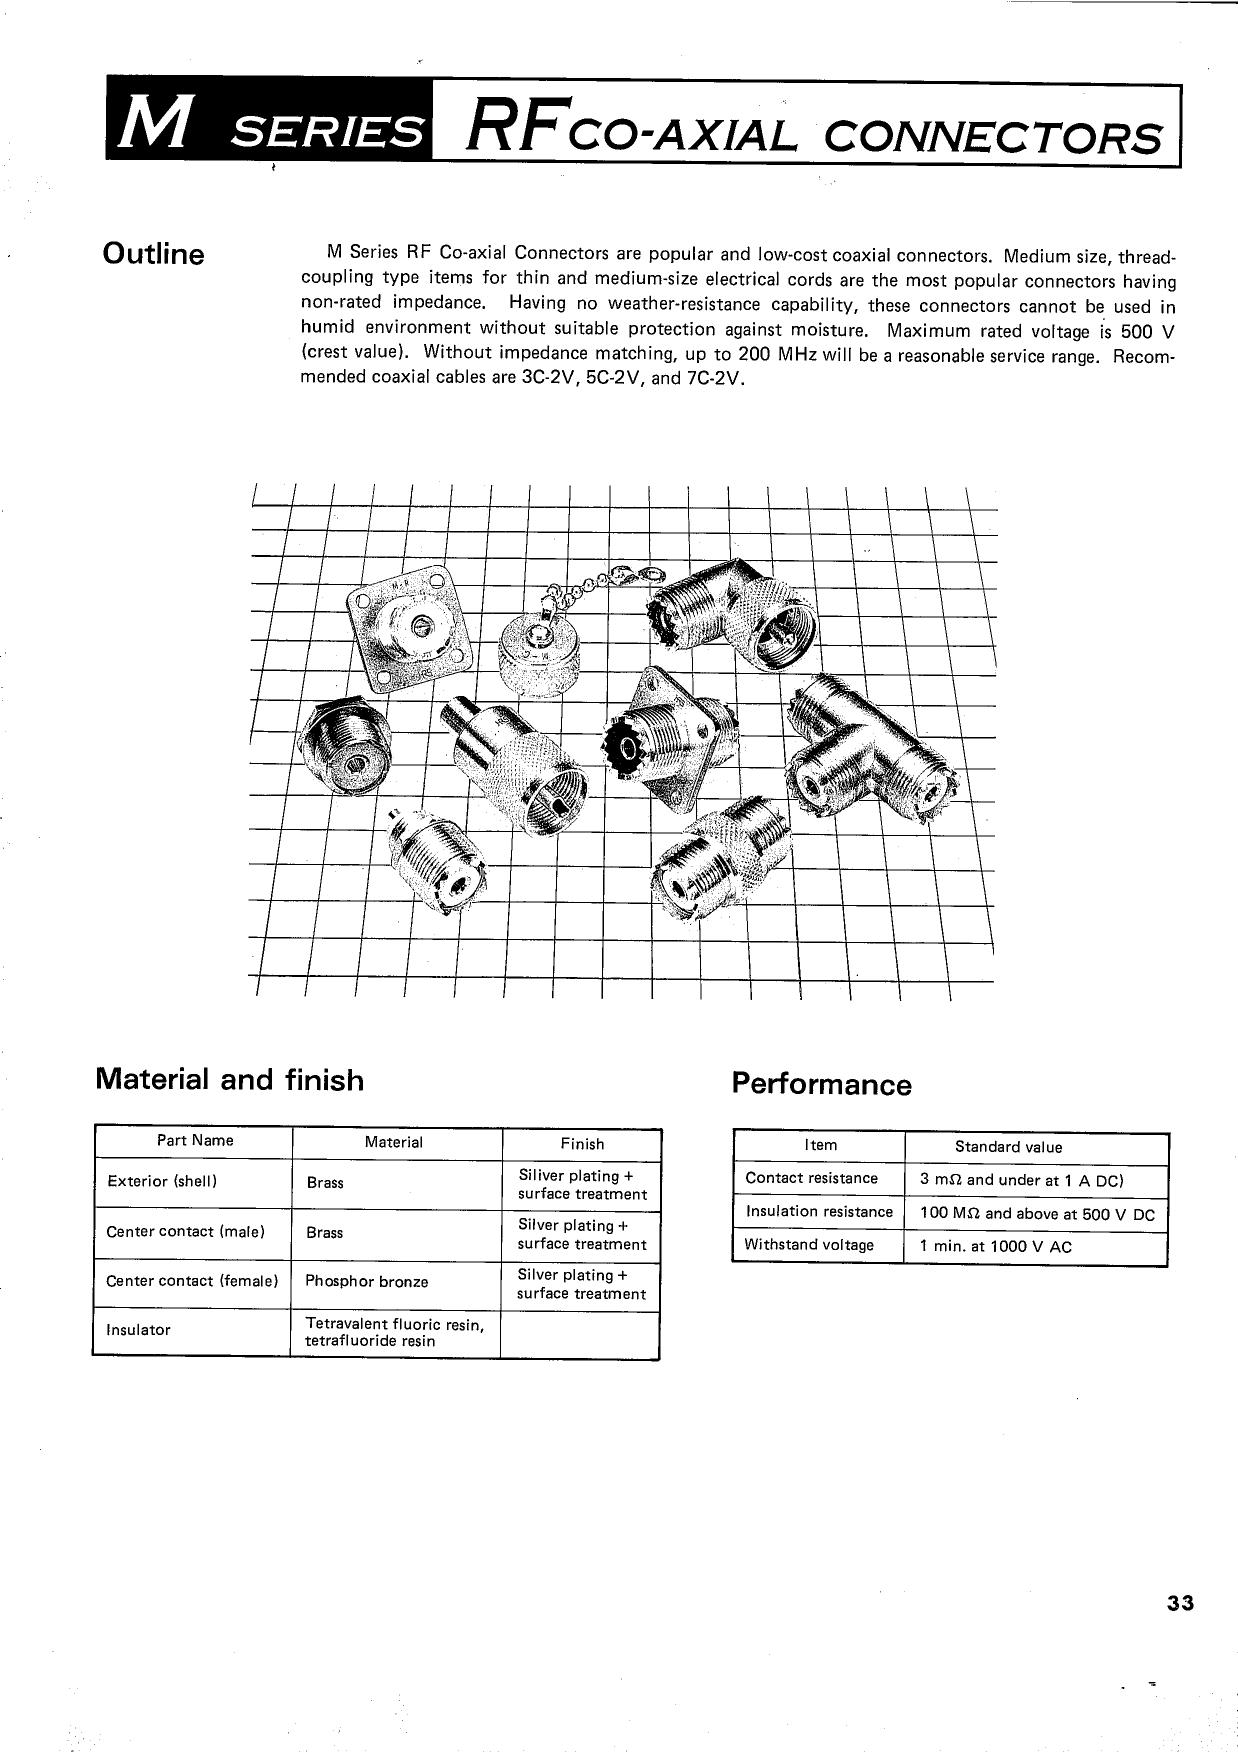 M-C datasheet